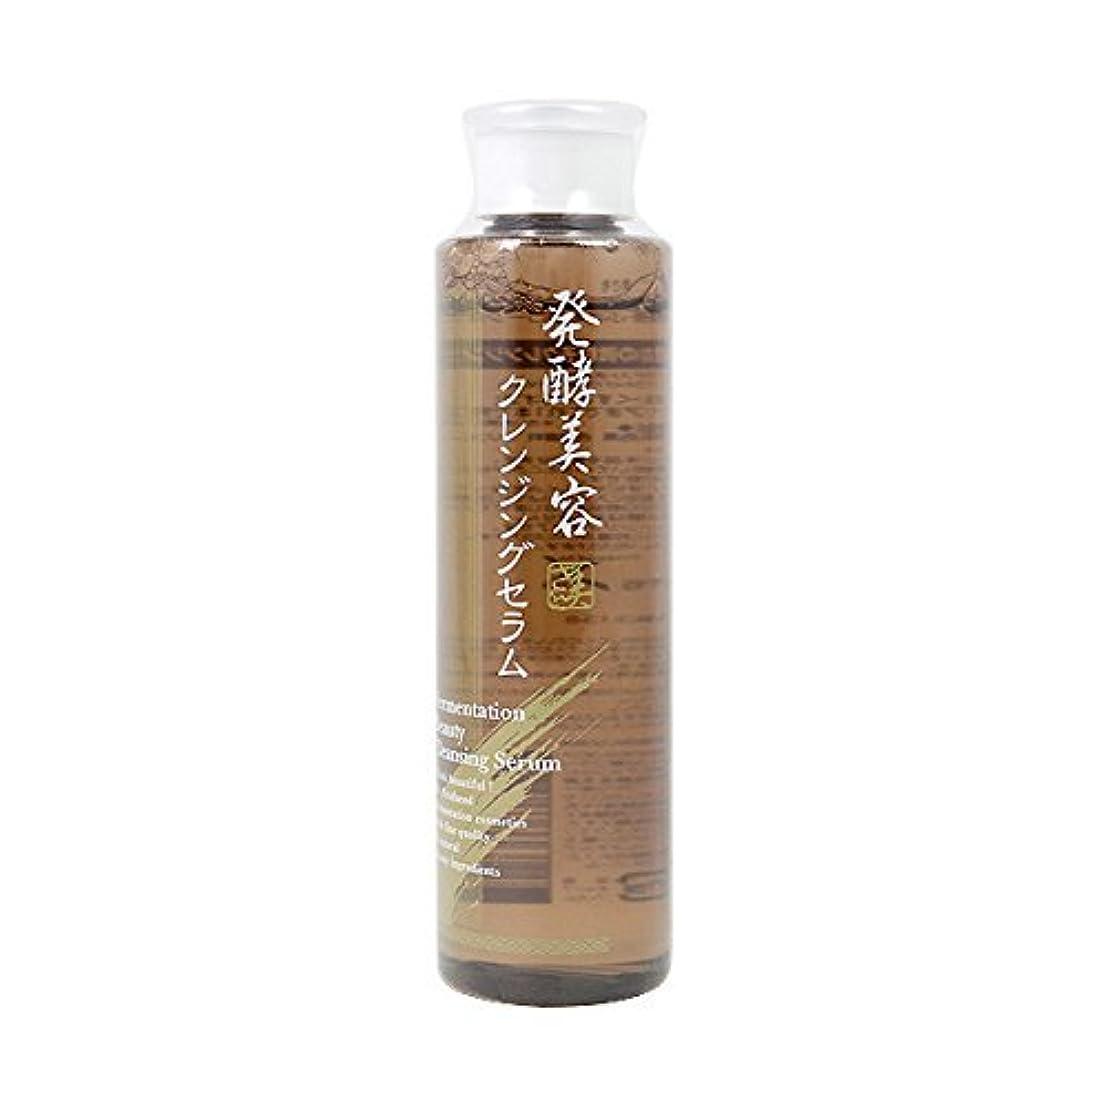 豪華な発明するピケシーヴァ 発酵美容 クレンジングセラム 200ml